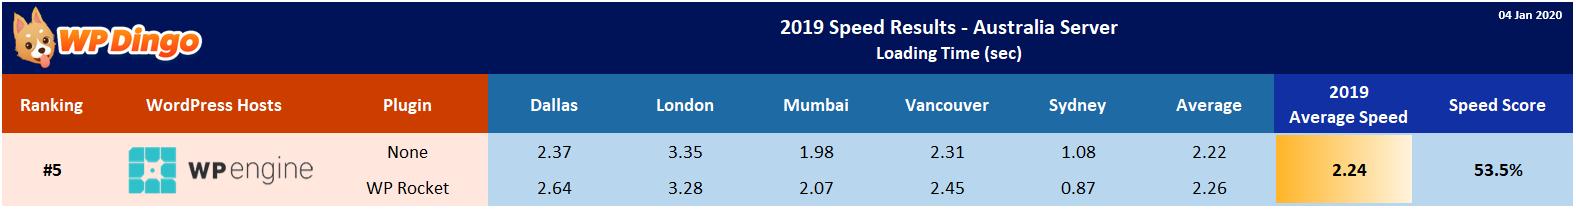 2019 WP Engine Speed Table - Australia Server